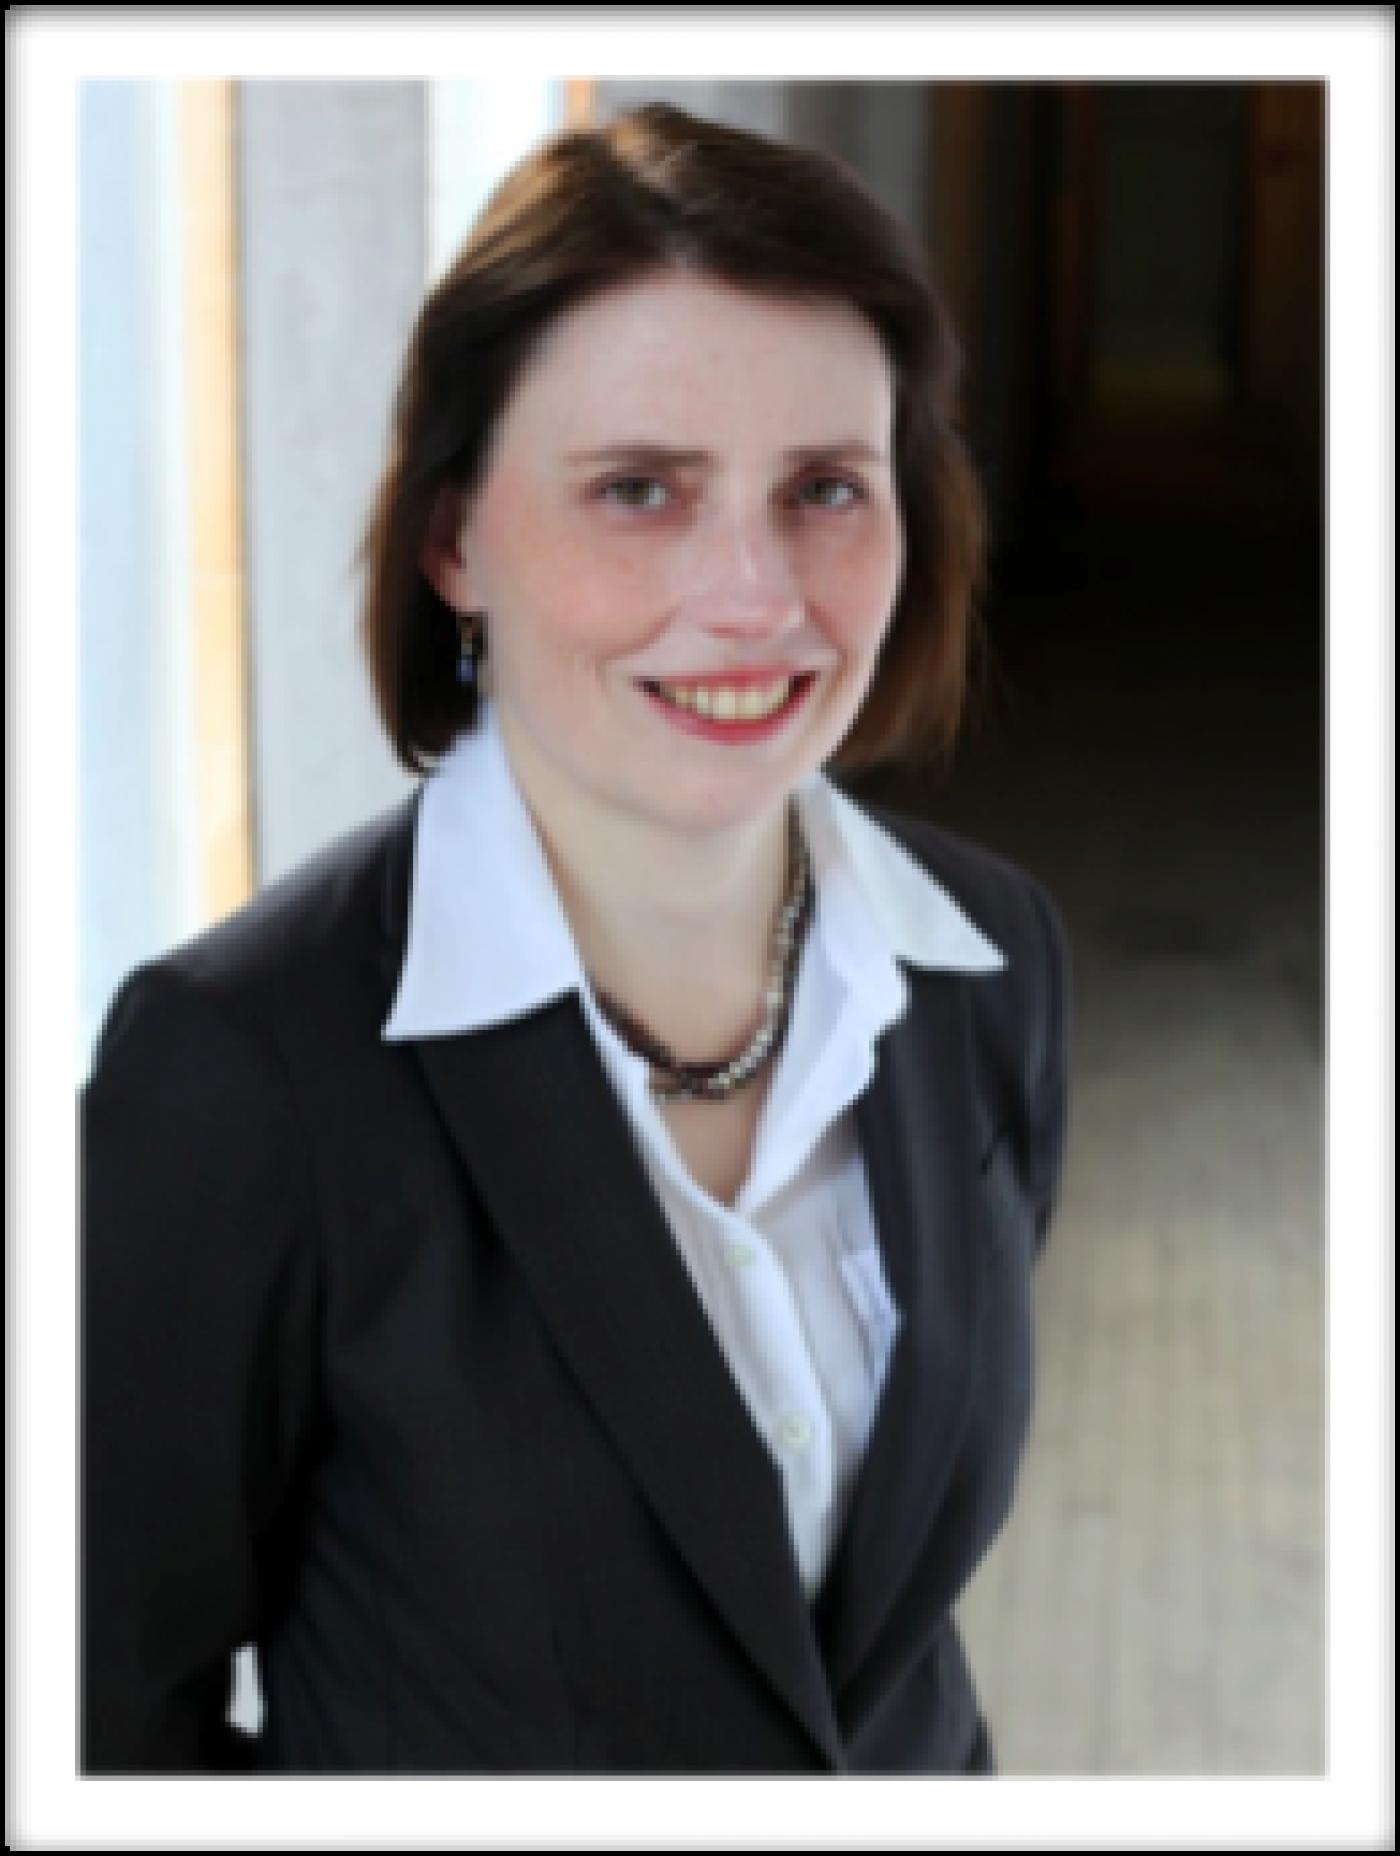 Prof. Rachel Barney